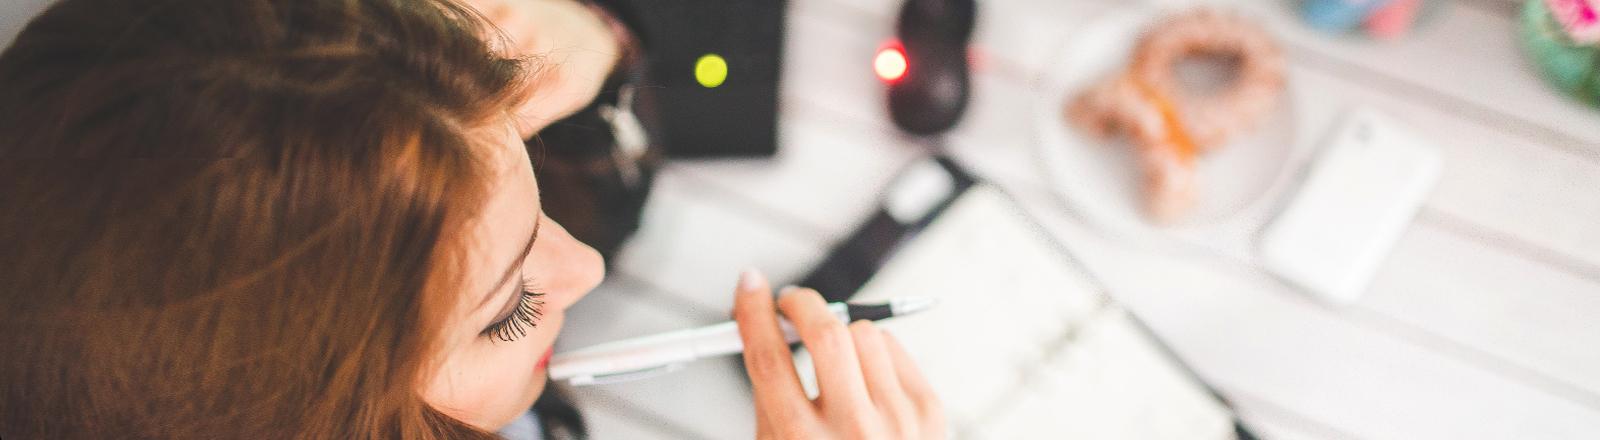 Studentin arbeitet am Schreibtisch